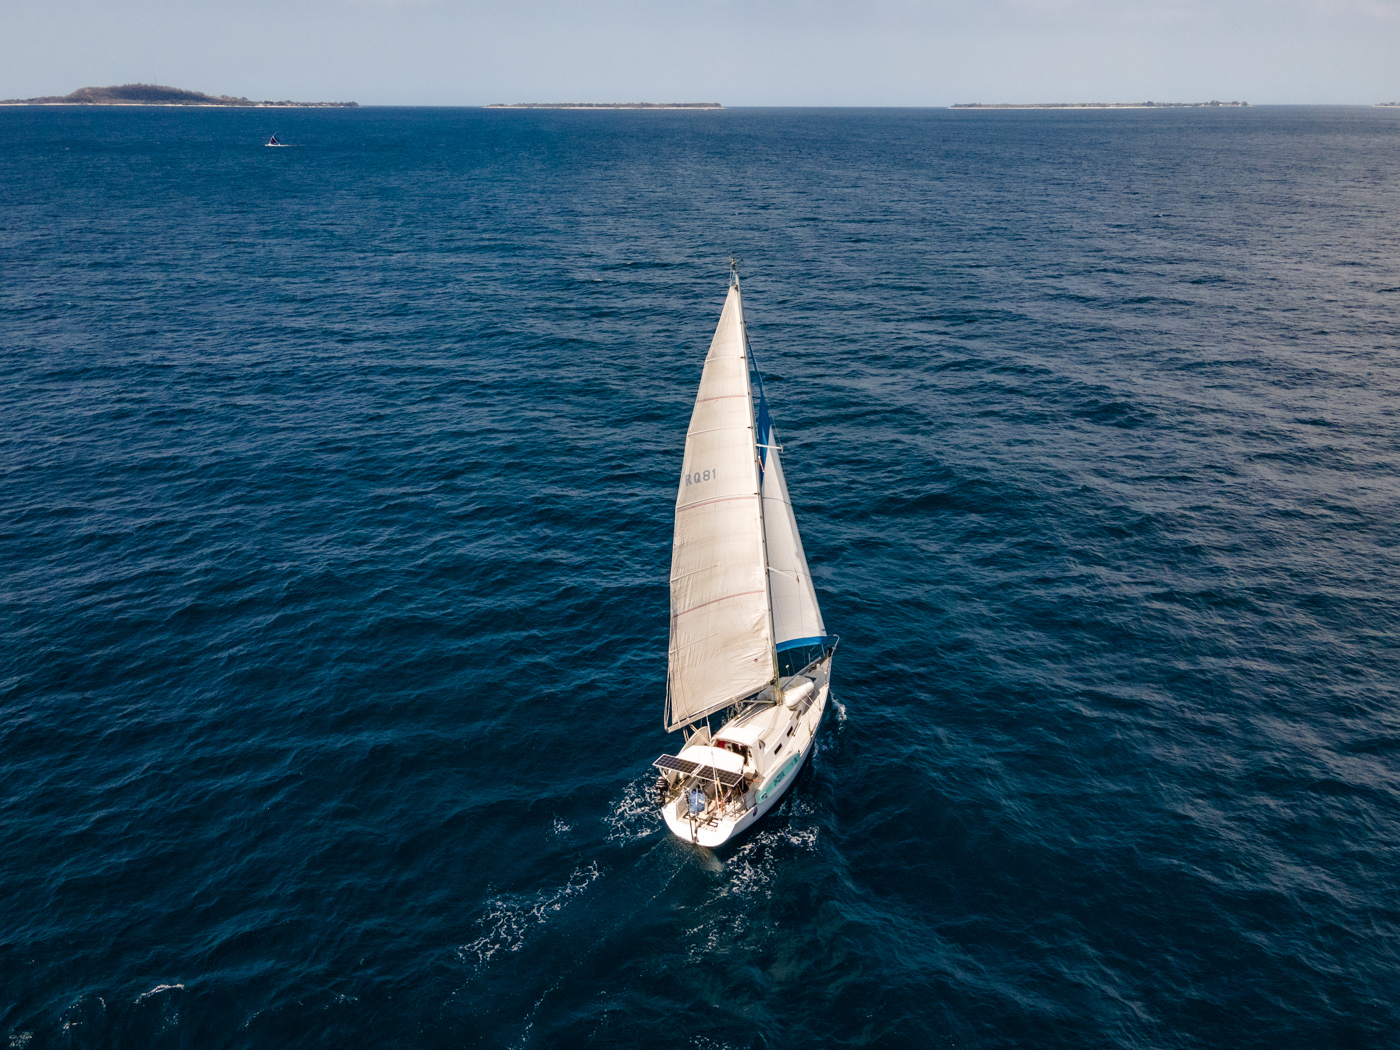 voilier_mer_voile_île_indonésie